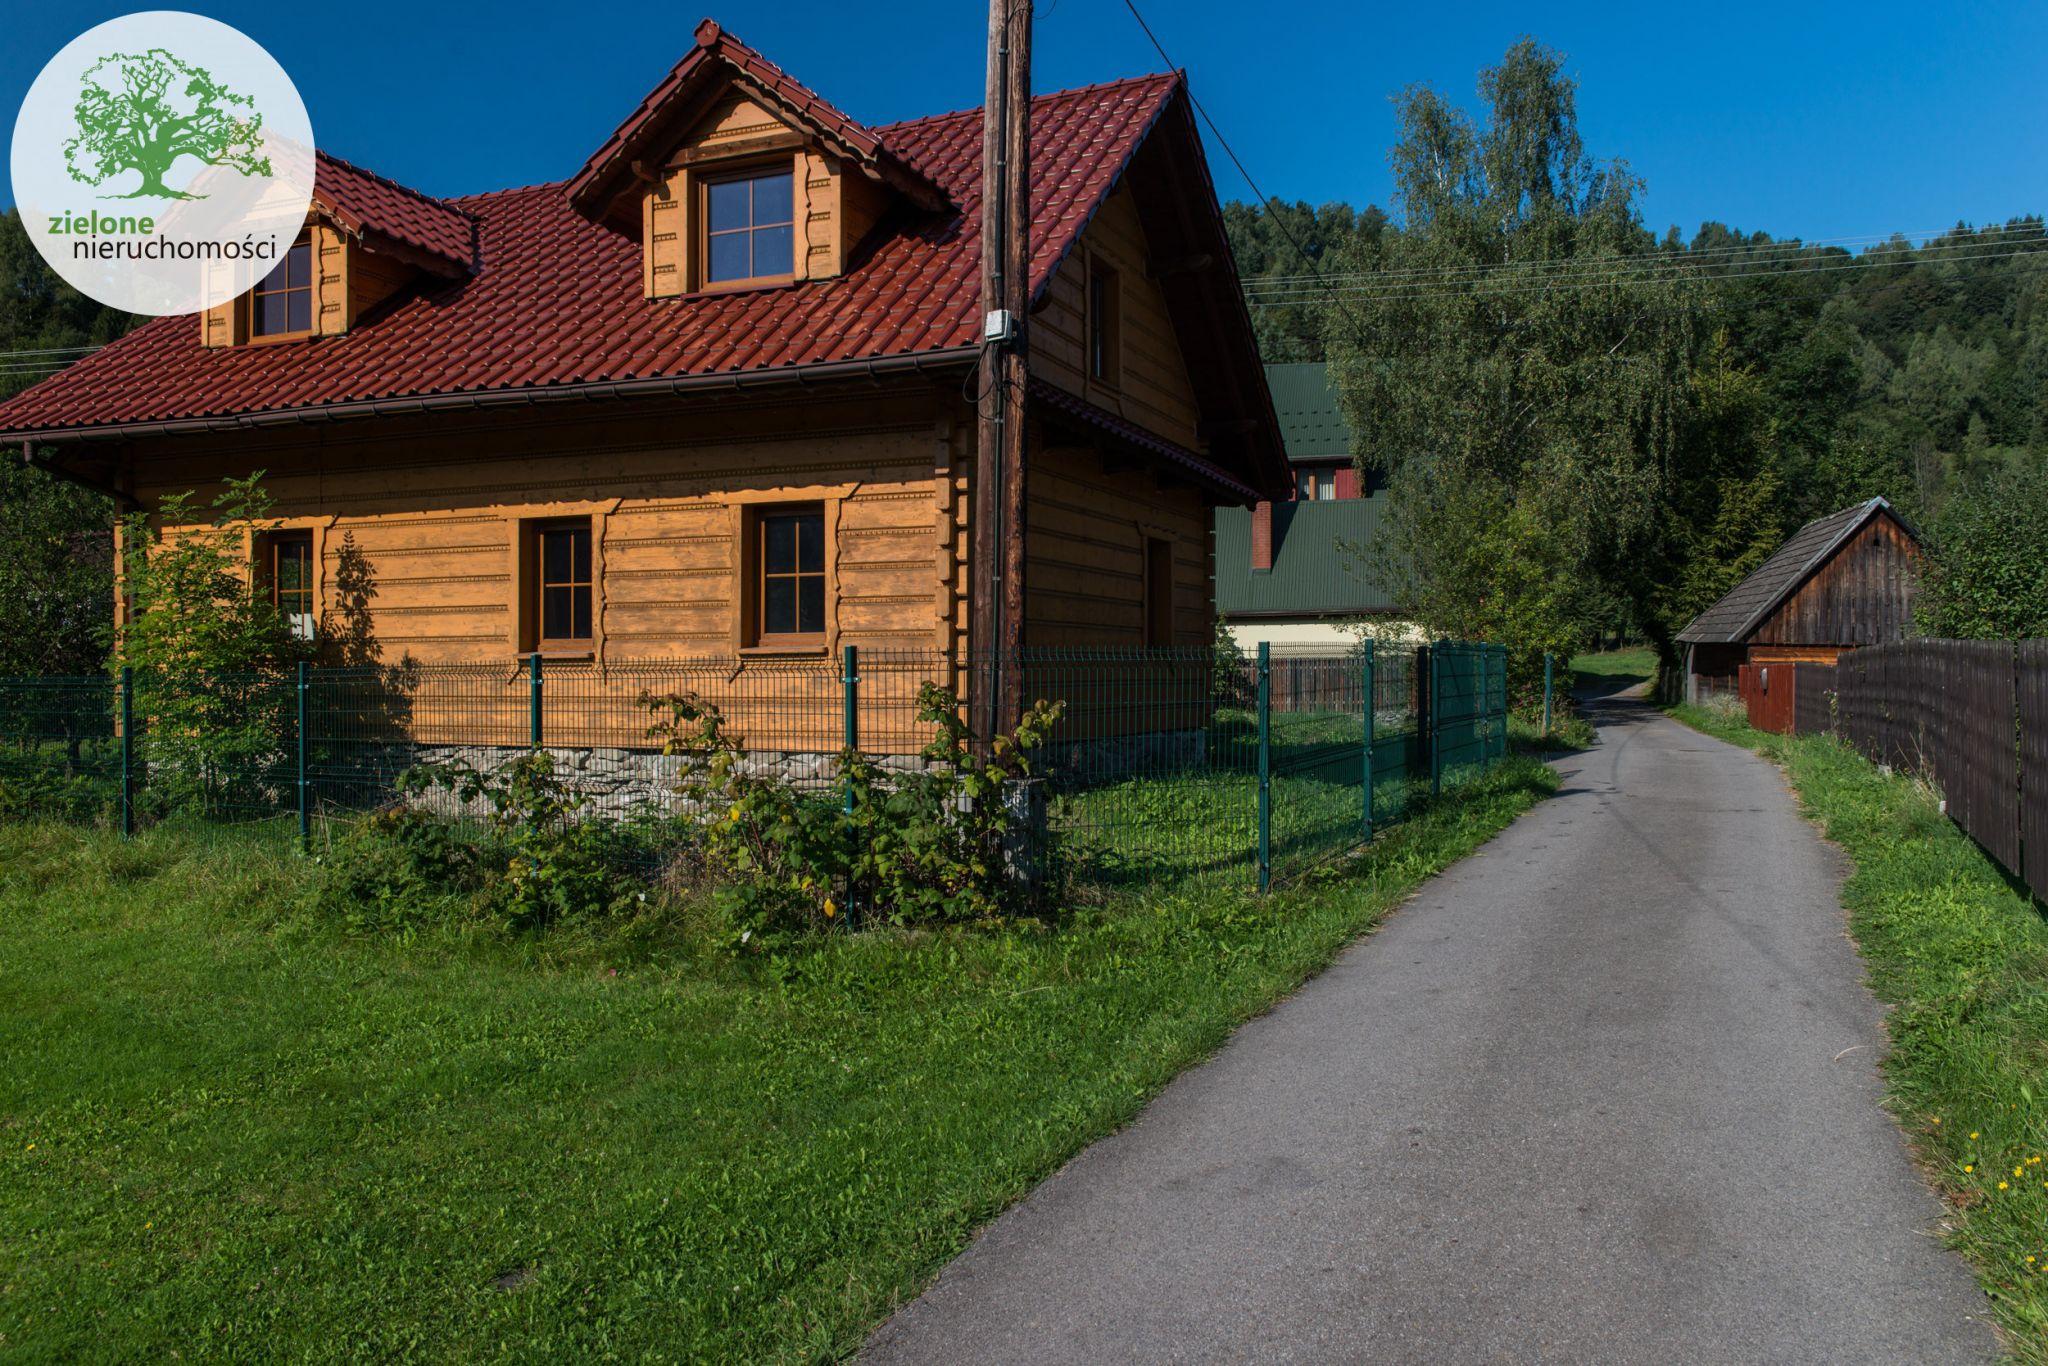 Drewniany, klimatyczny dom na wsi